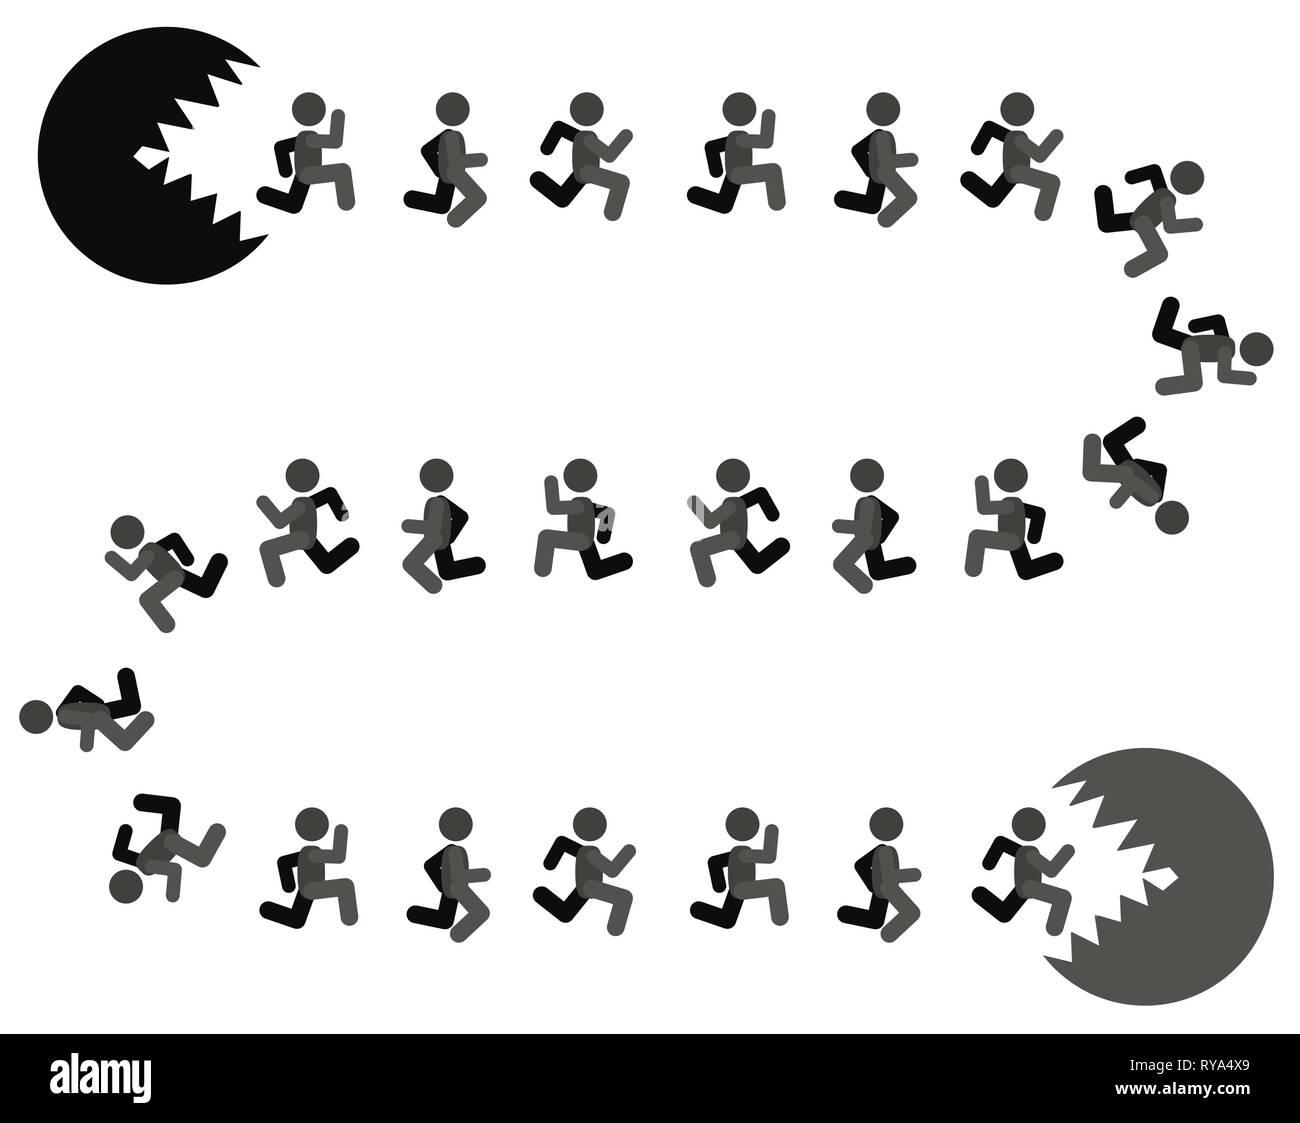 Pericolo di fuga futile persone figure metafora, illustrazione vettoriale di cartoni animati a colori, orizzontale Immagini Stock